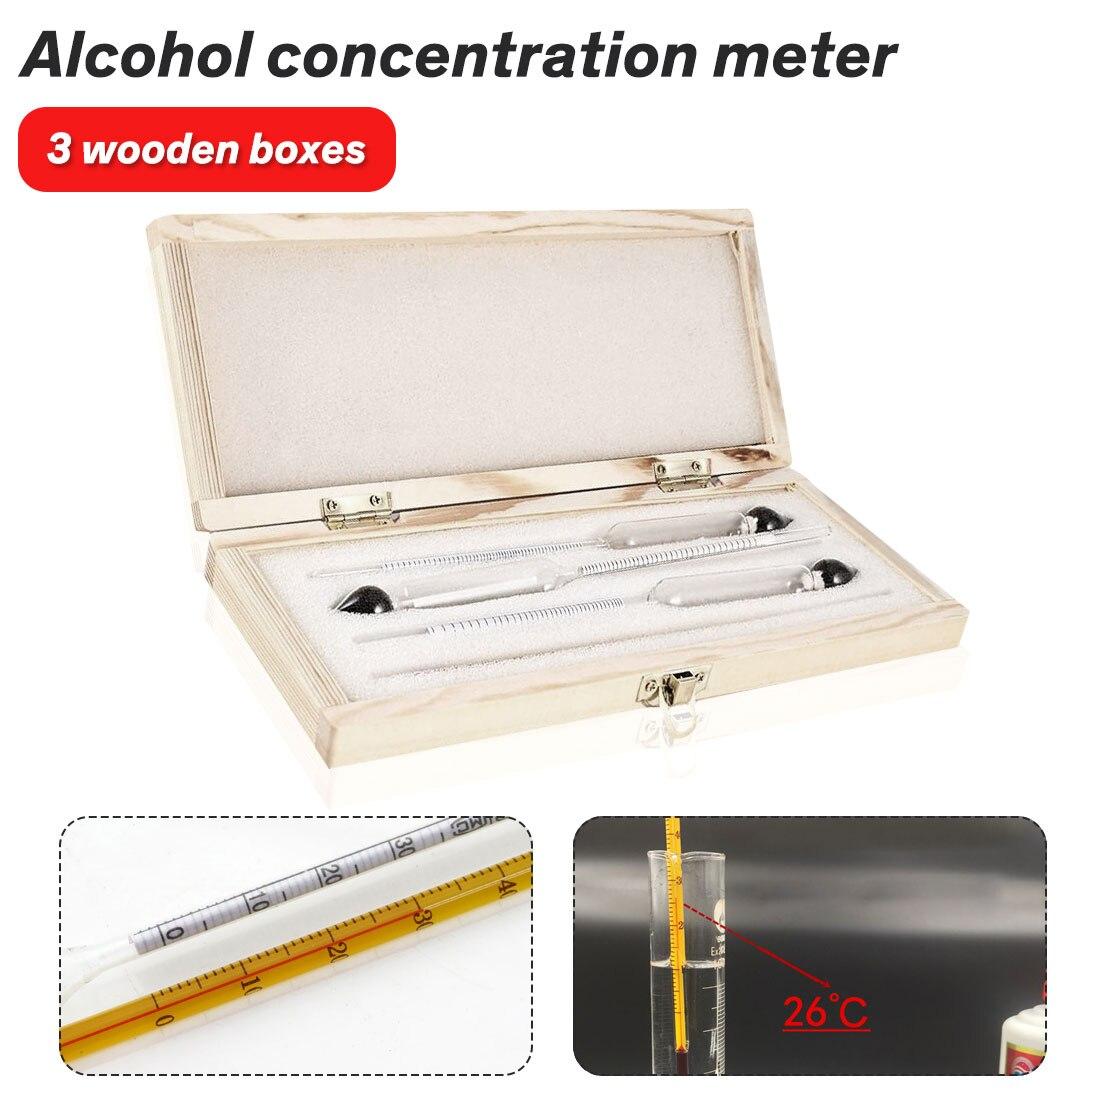 0-100/% Hydrometer Alcoholmeter Alcohol Tester Concentration Meter UR